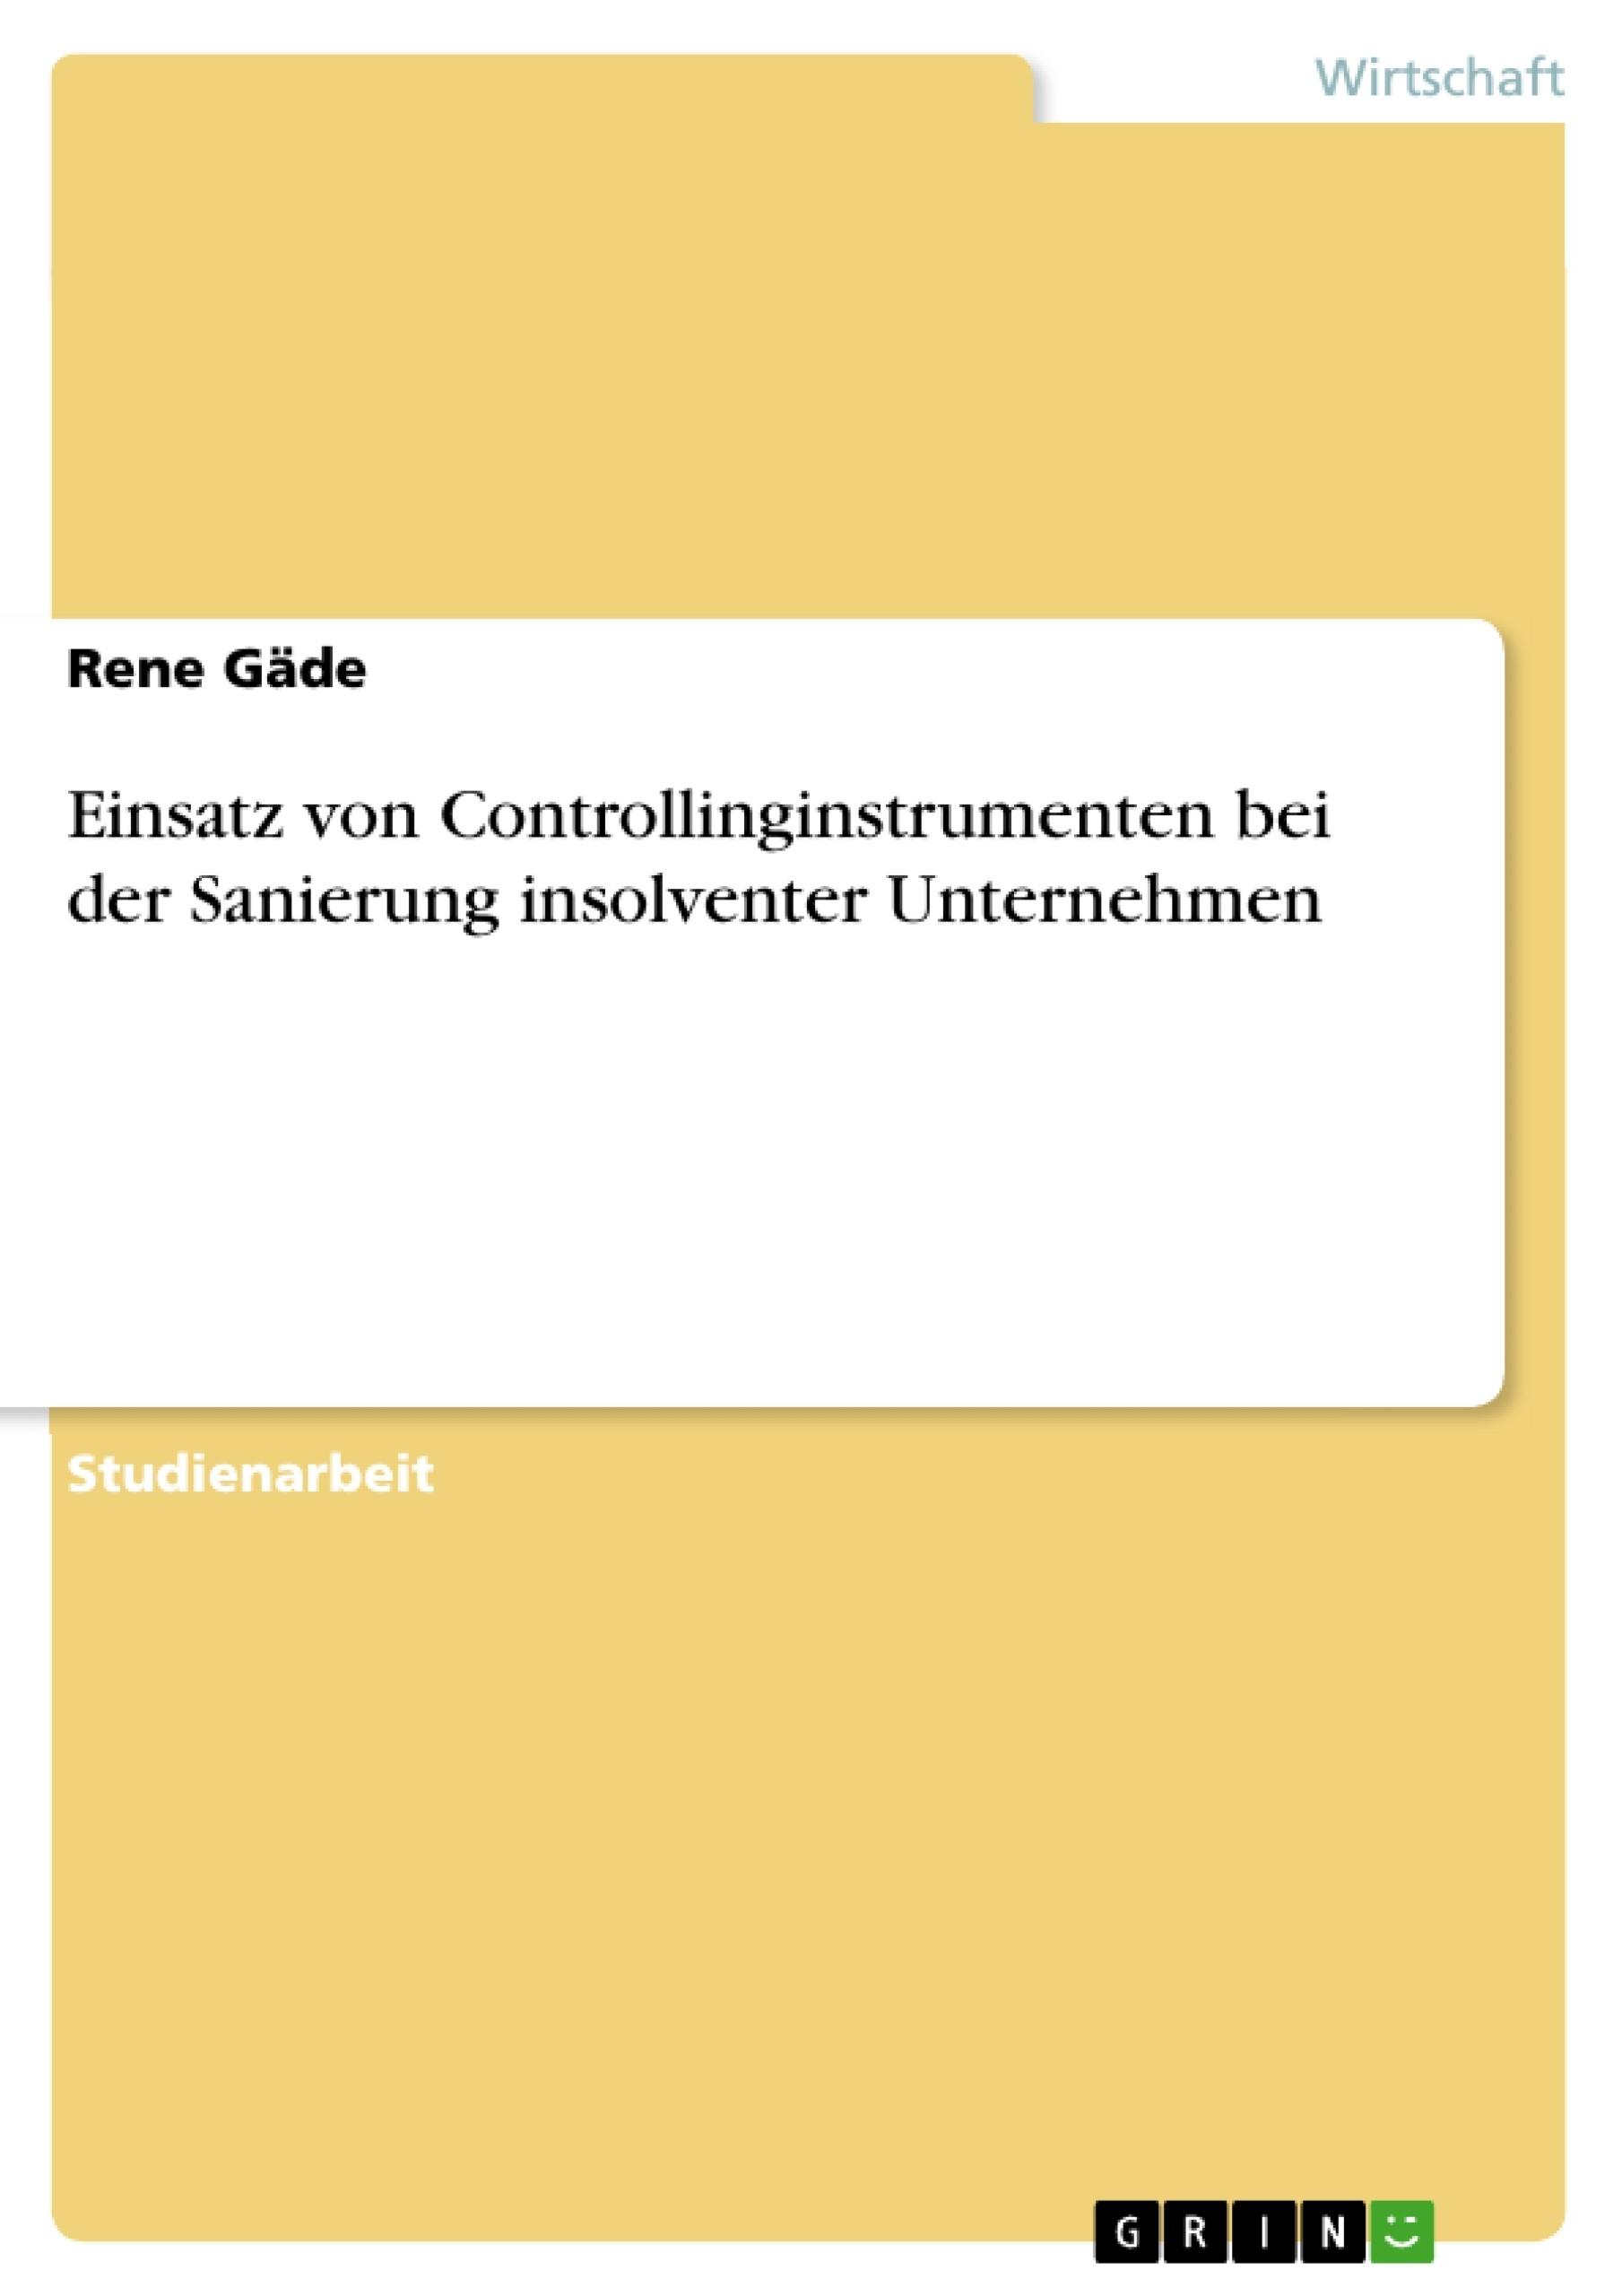 Titel: Einsatz von Controllinginstrumenten bei der Sanierung insolventer Unternehmen